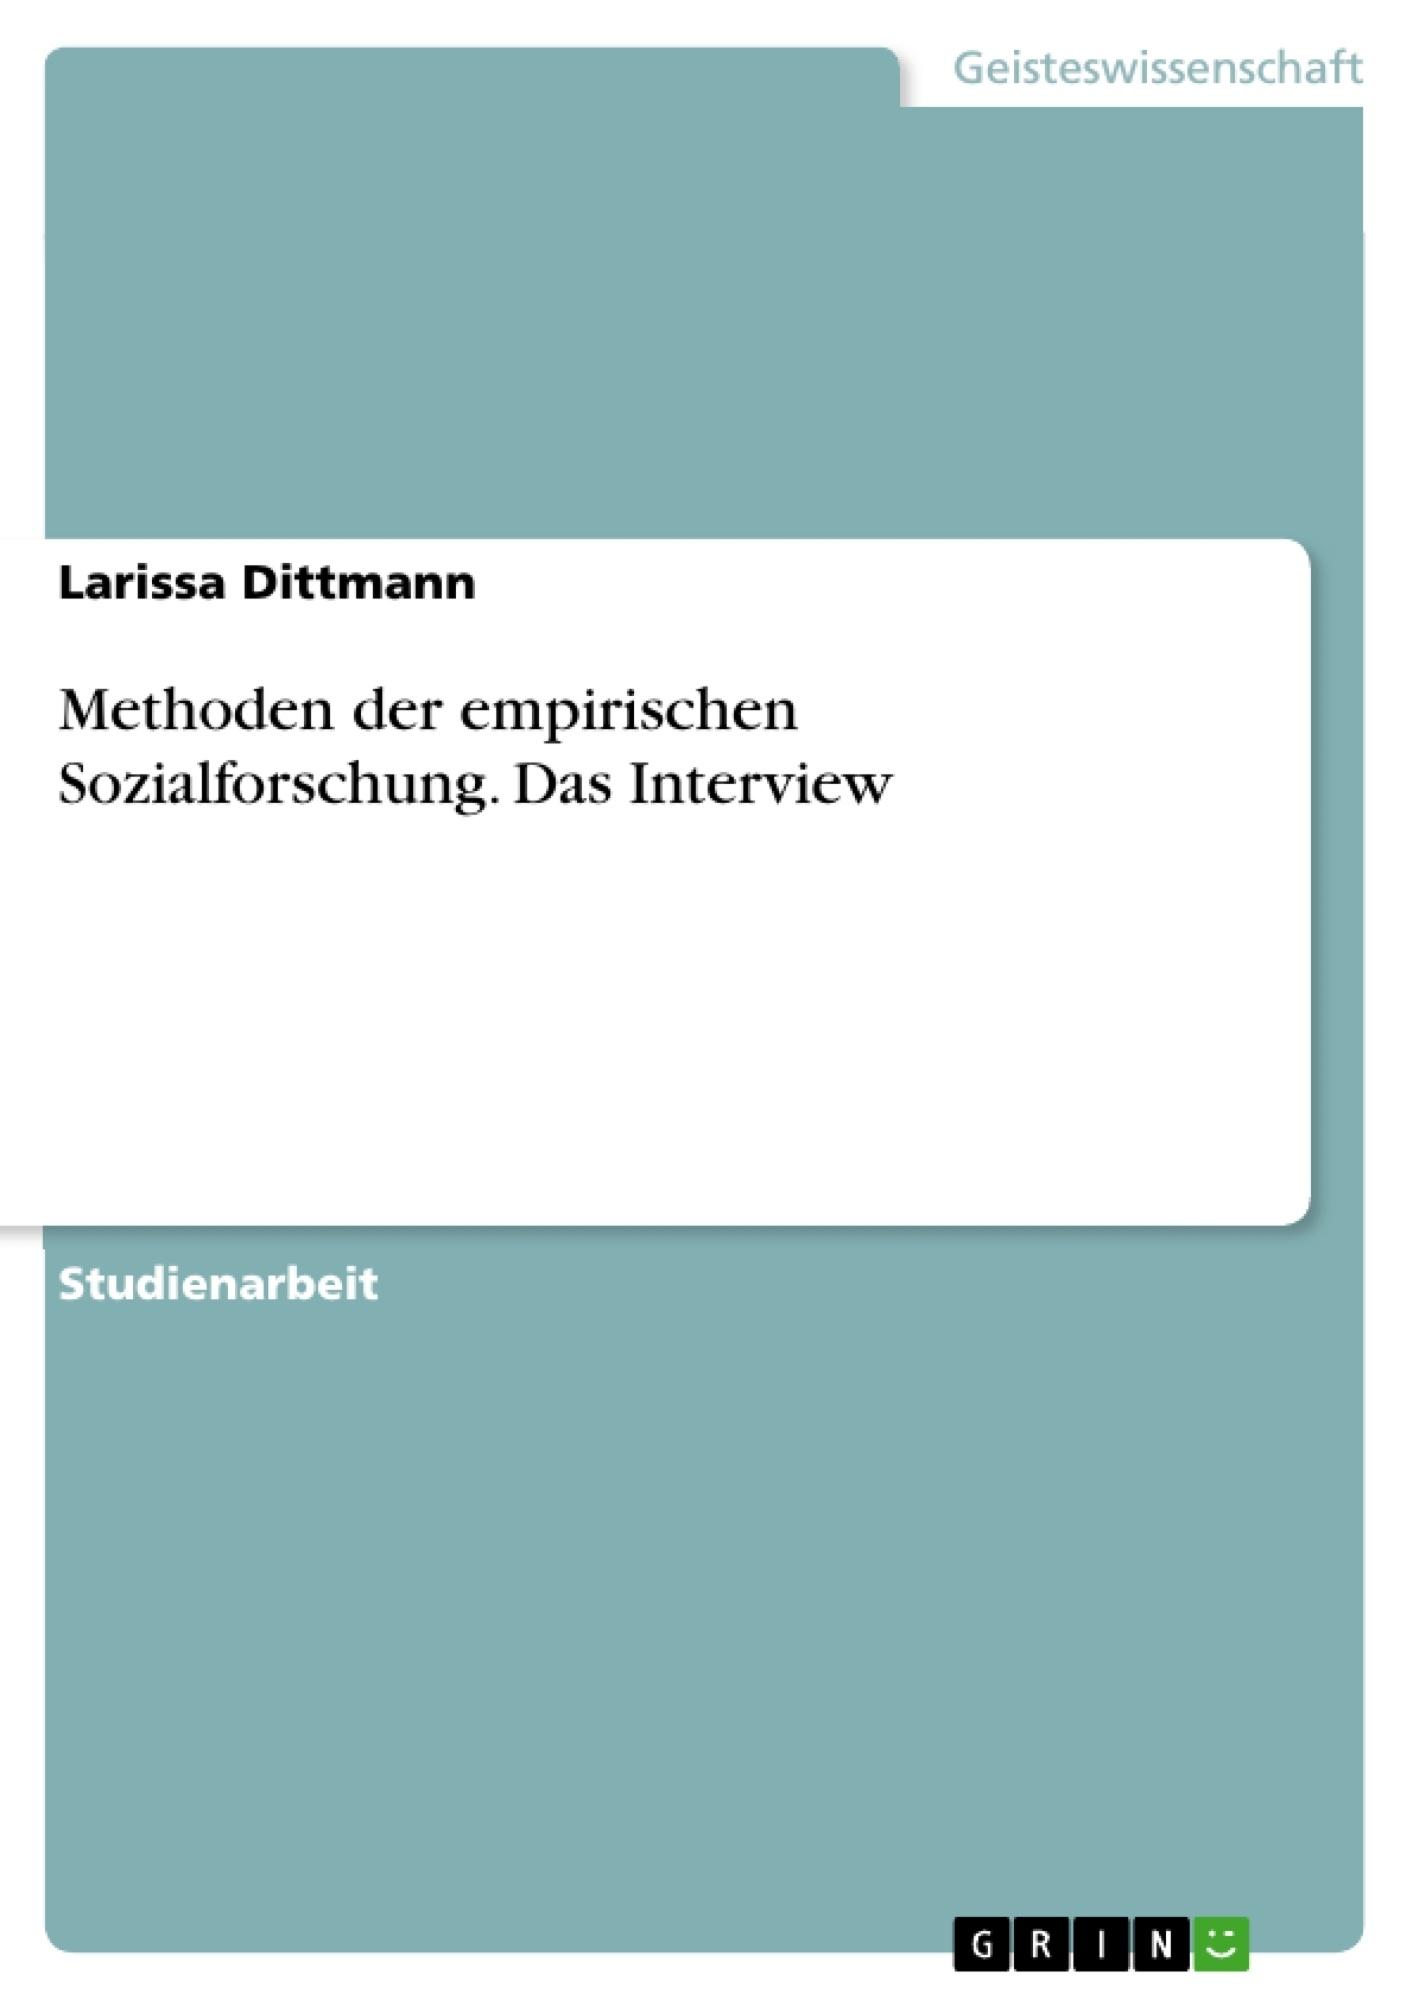 Titel: Methoden der empirischen Sozialforschung. Das Interview